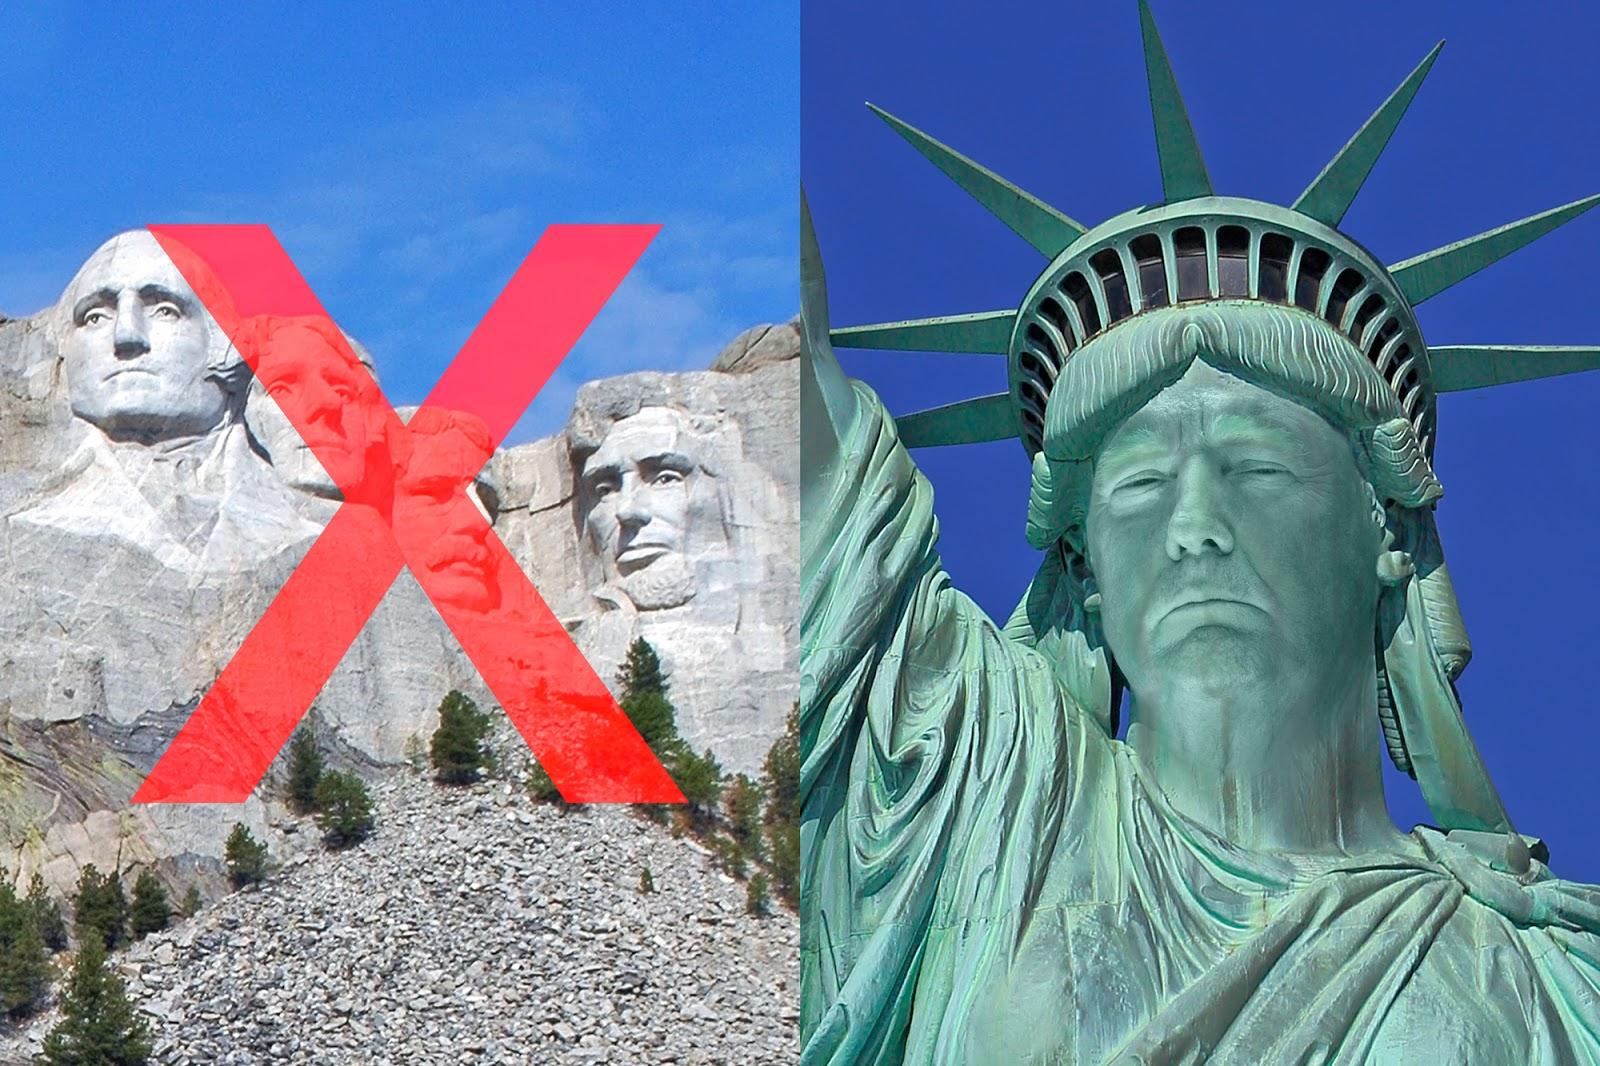 Falls es mit Mount Rushmore nicht klappt: Trump will sein Gesicht auf Freiheitsstatue anbringen lassen